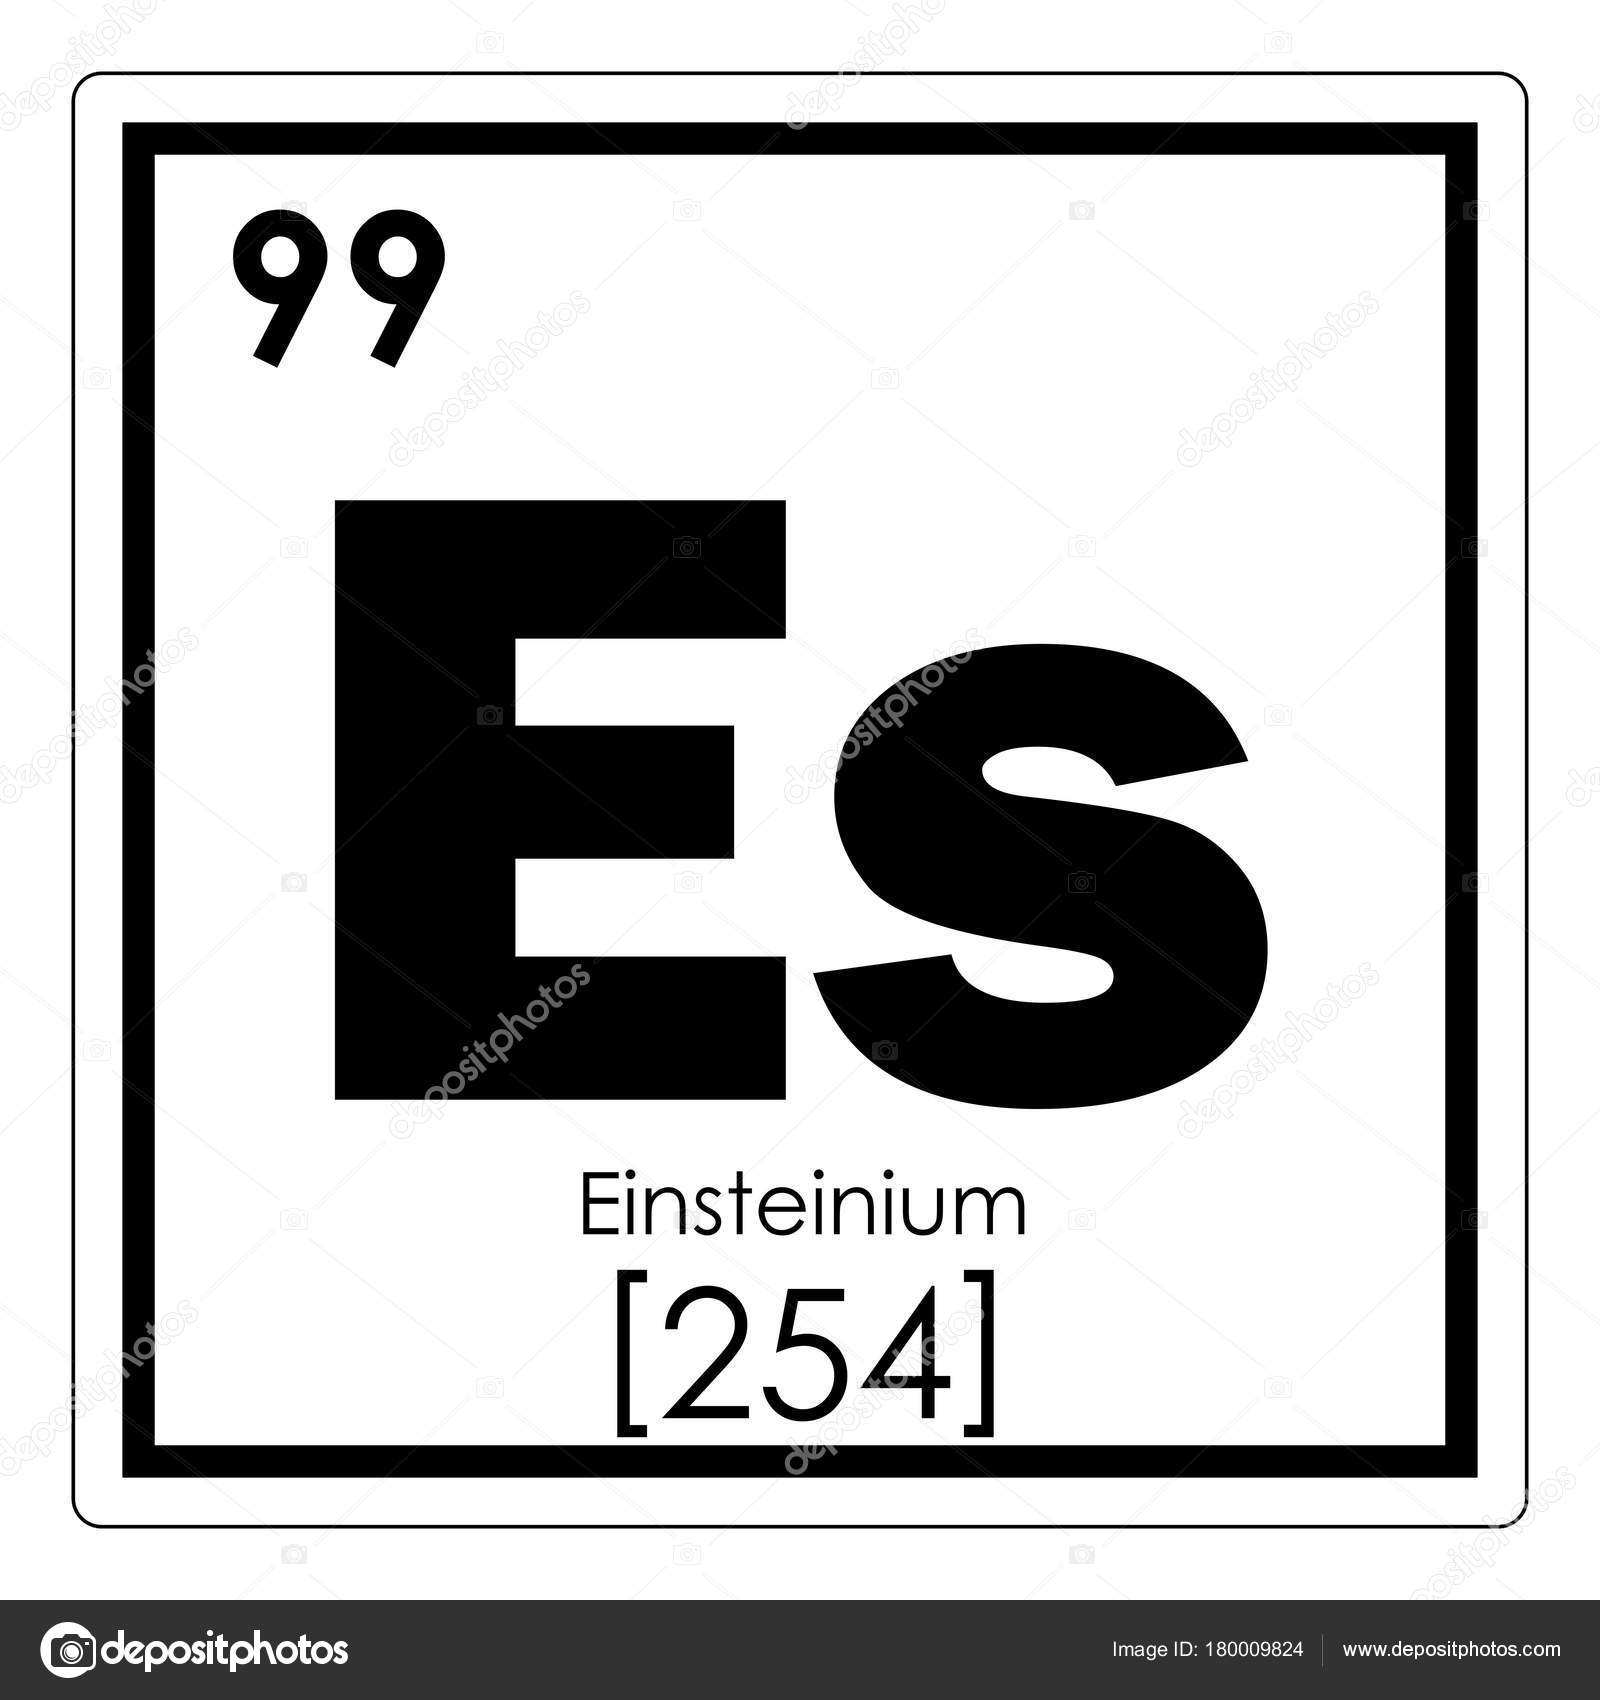 アインスタイ ニウム元素記号 — ...